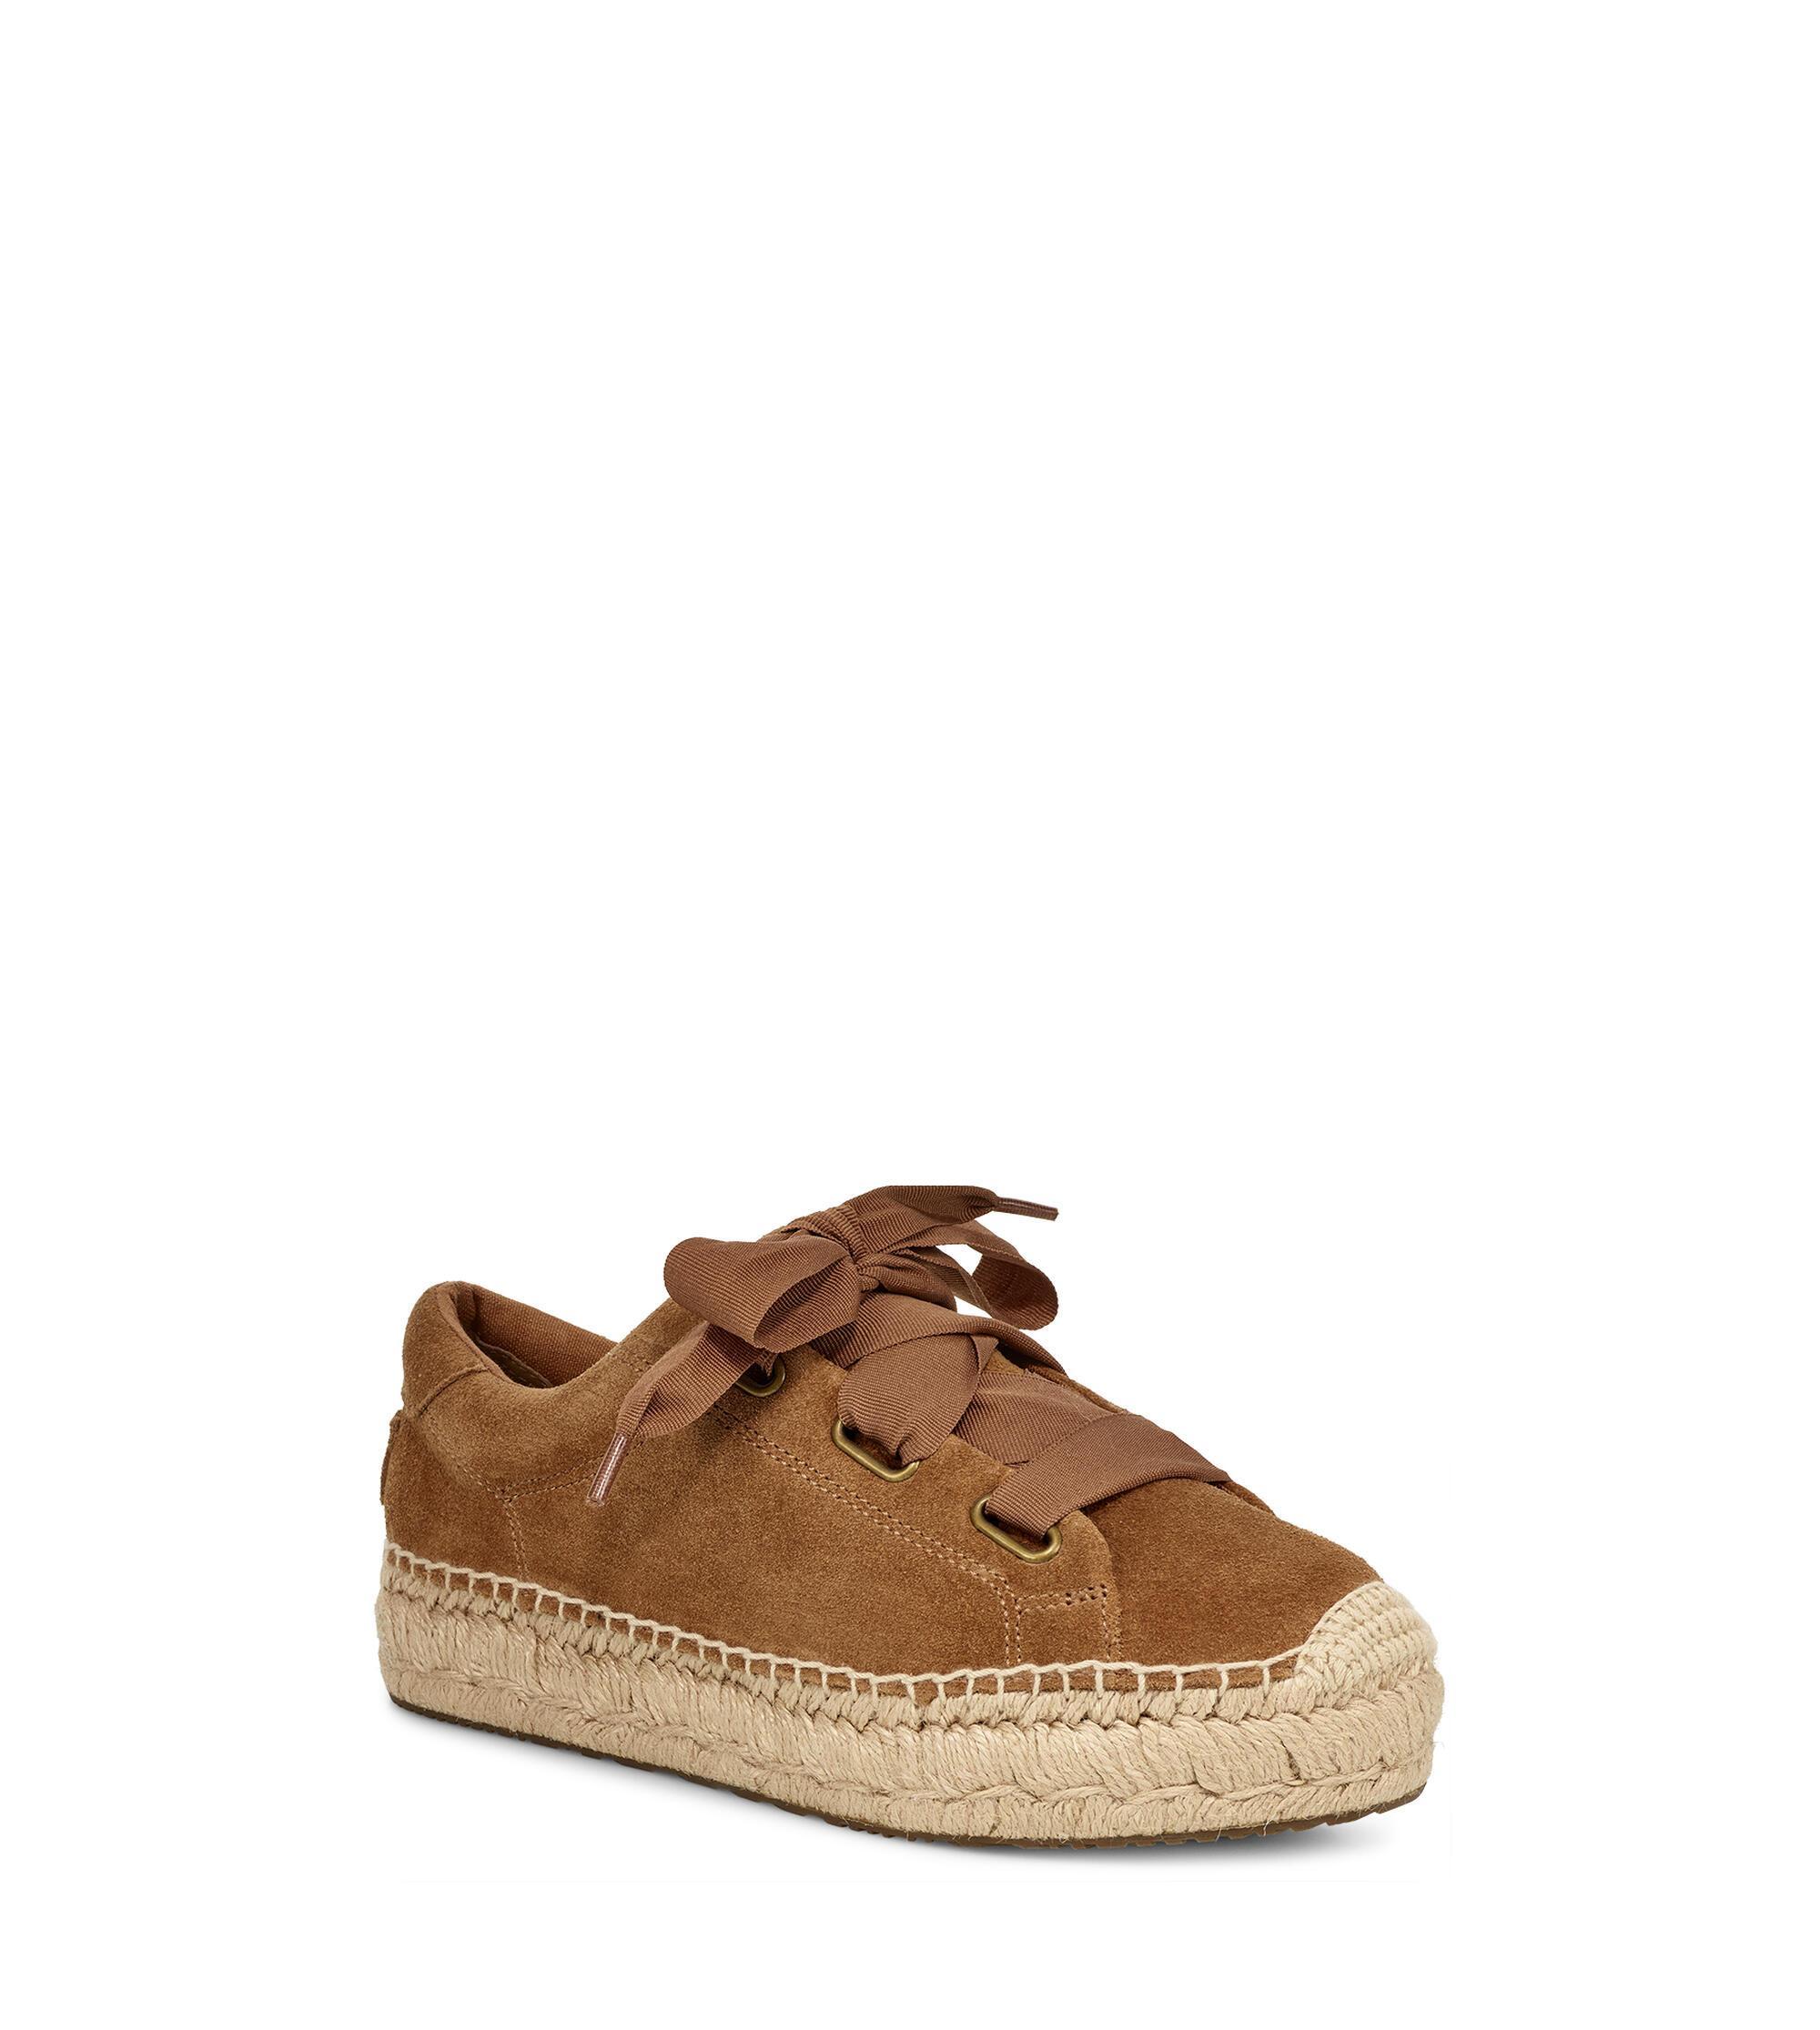 a22bbcbfa76 UGG Brianna Suede Loafer in Brown - Lyst